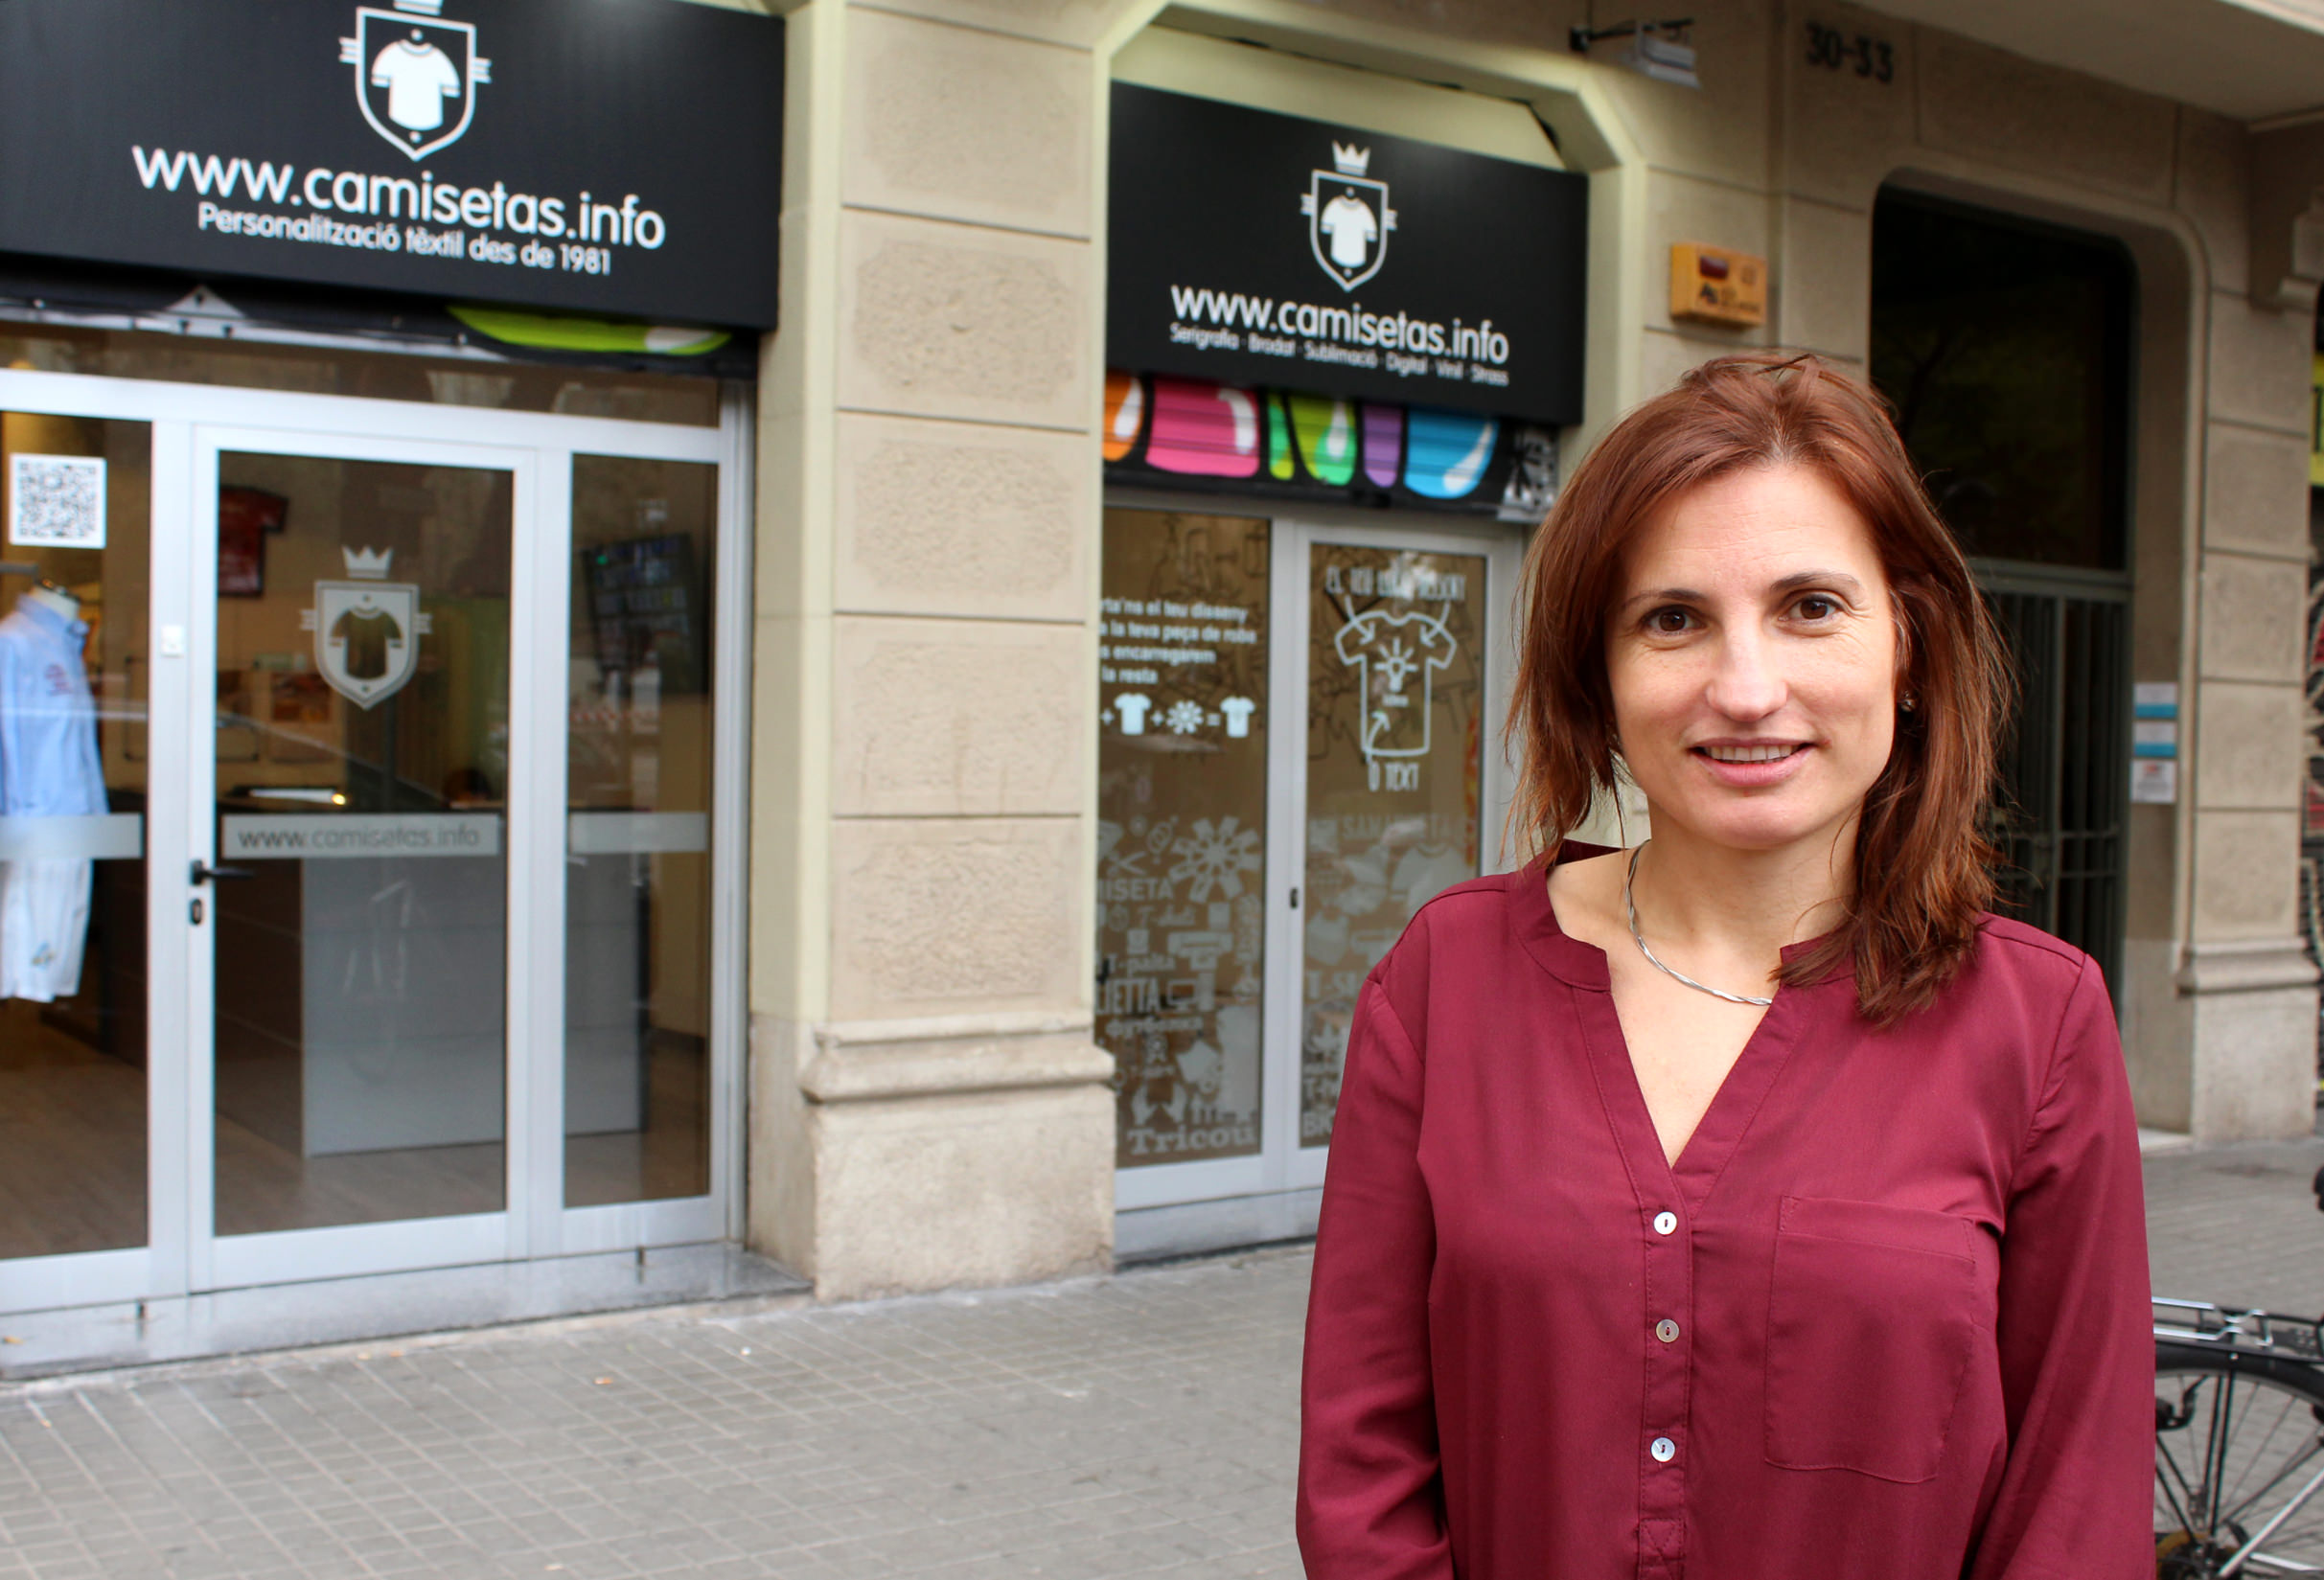 406d3bb7e7196 Camisetas.info convierte su tienda de Barcelona en un showroom ...